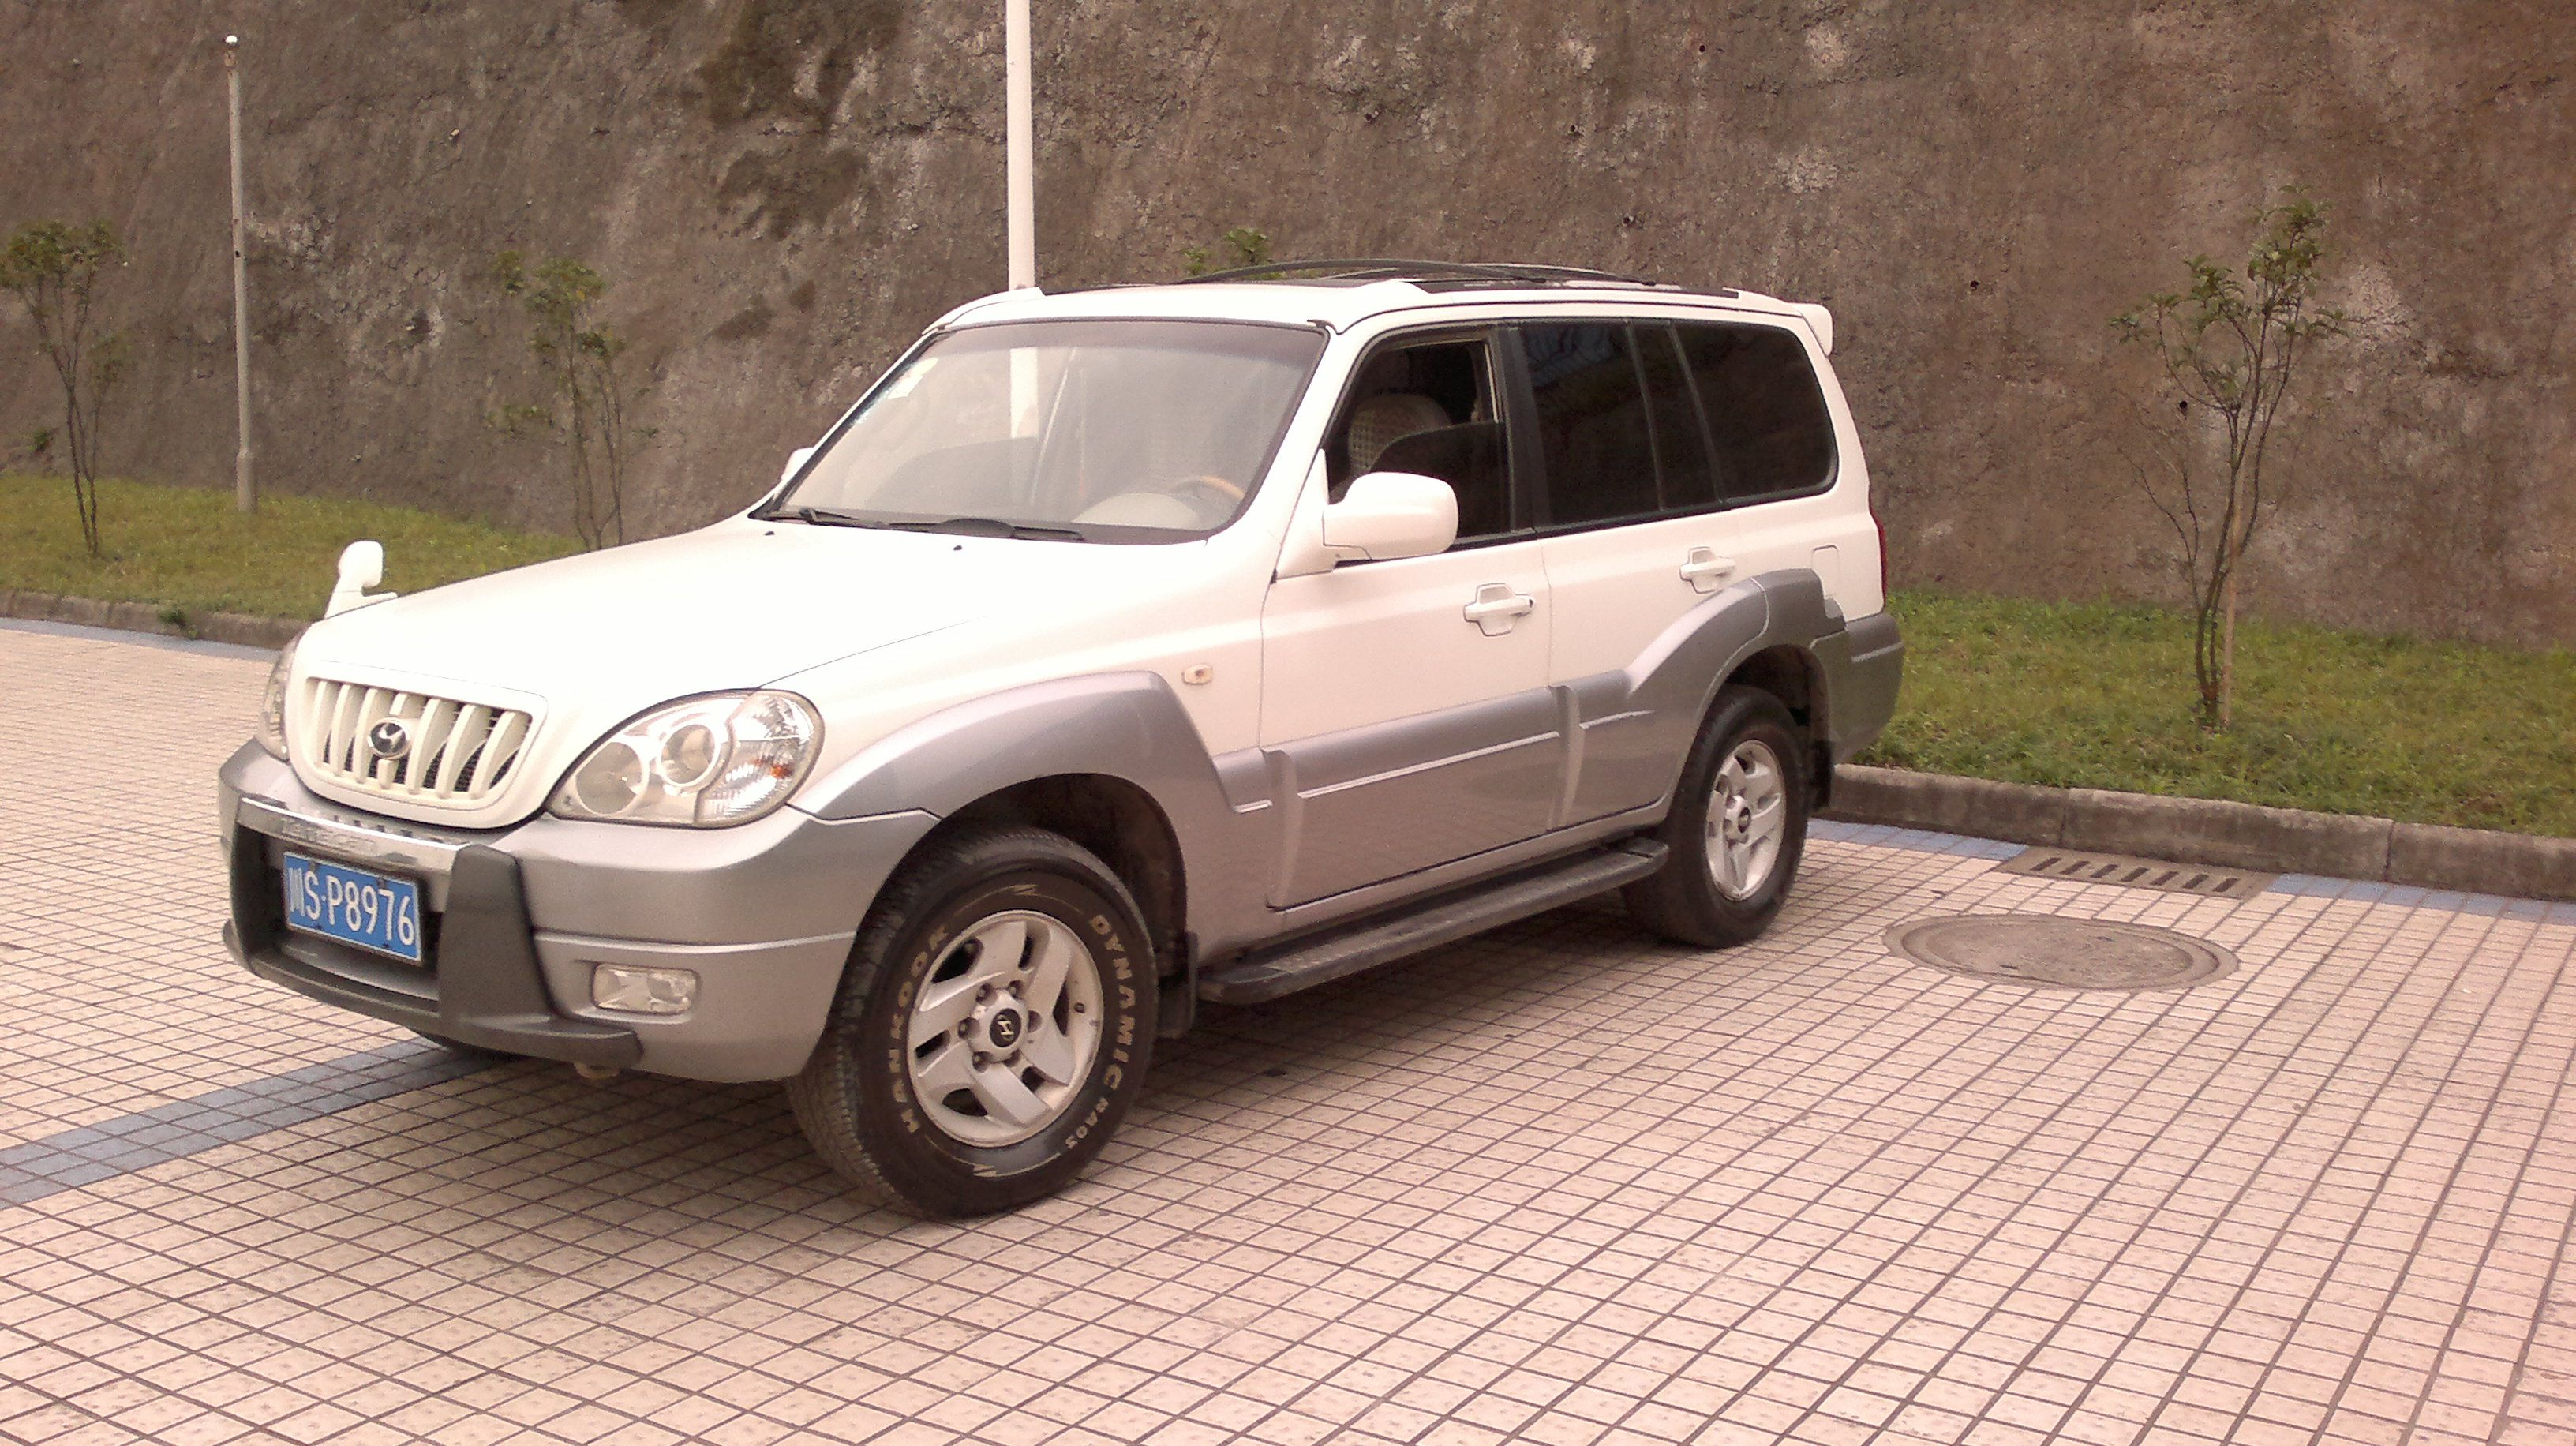 年二手华泰特拉卡皇家车型编号2791015价格概况生产厂家华泰现代金骏眉级别御品的车辆图片